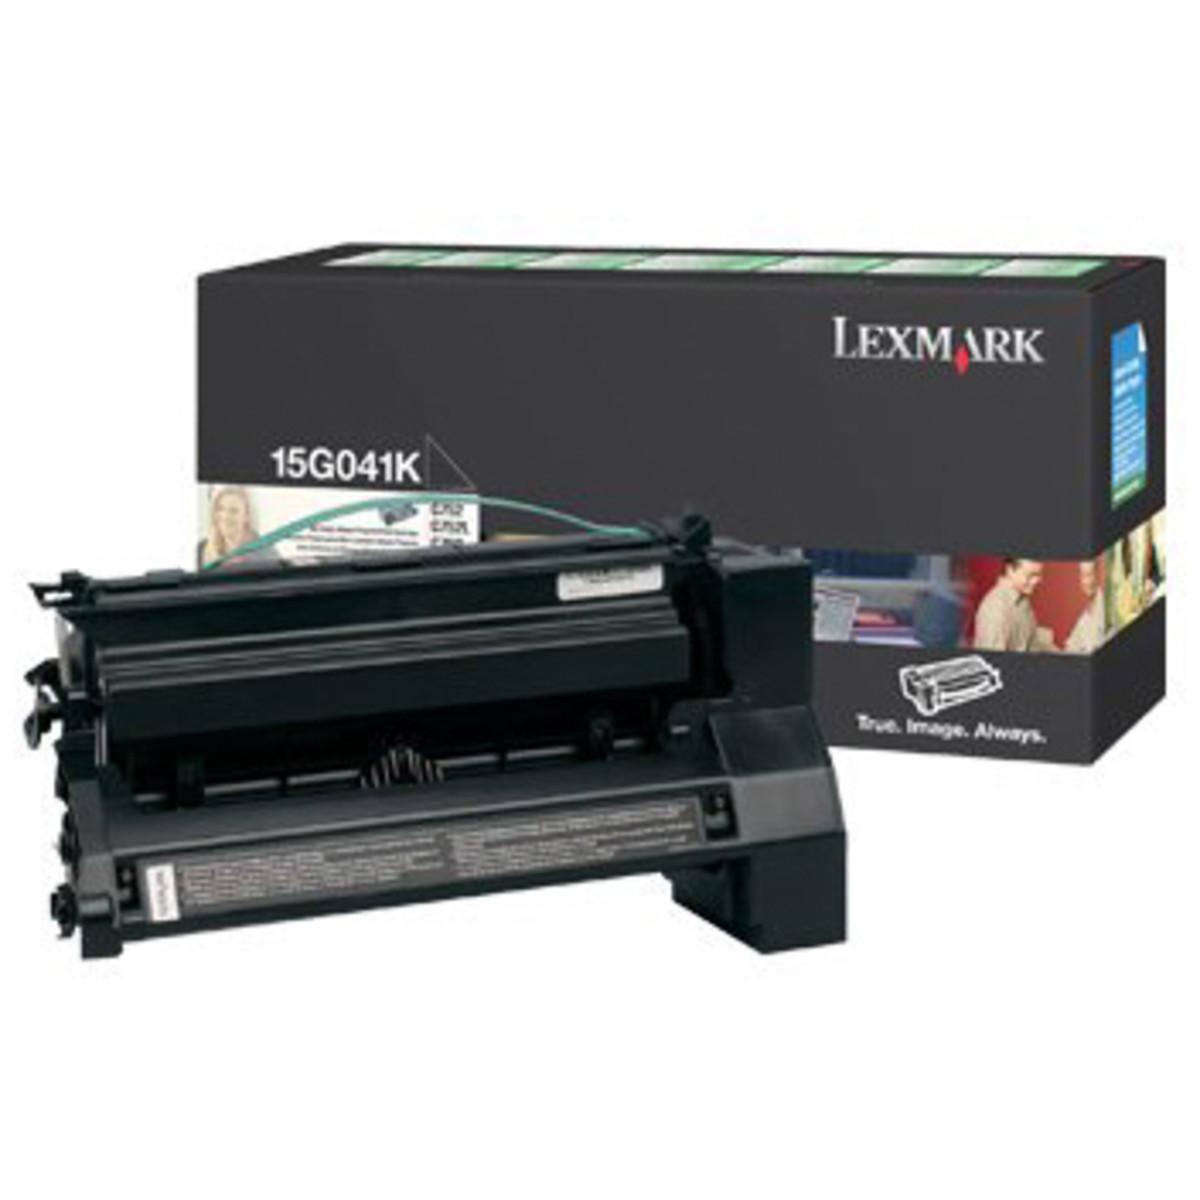 Lemark 15G041K Black Prebate Toner Cartridge